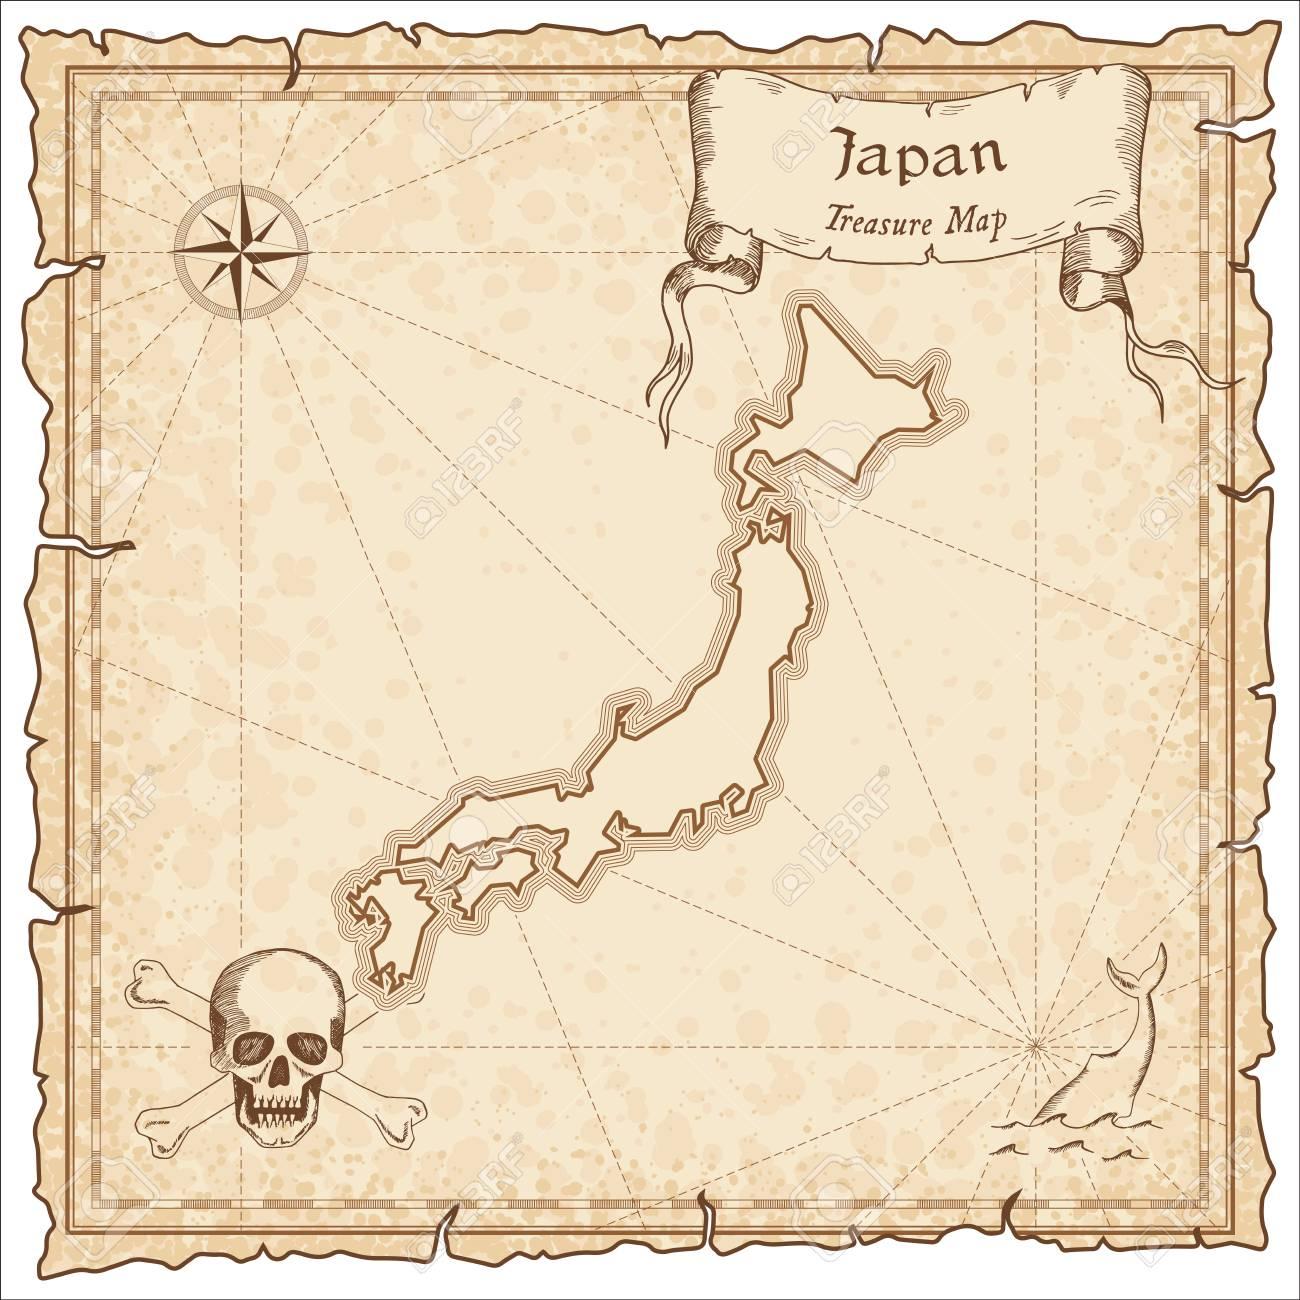 Japón Viejo Mapa De Piratas. Sepia Plantilla Grabada Del Mapa Del ...